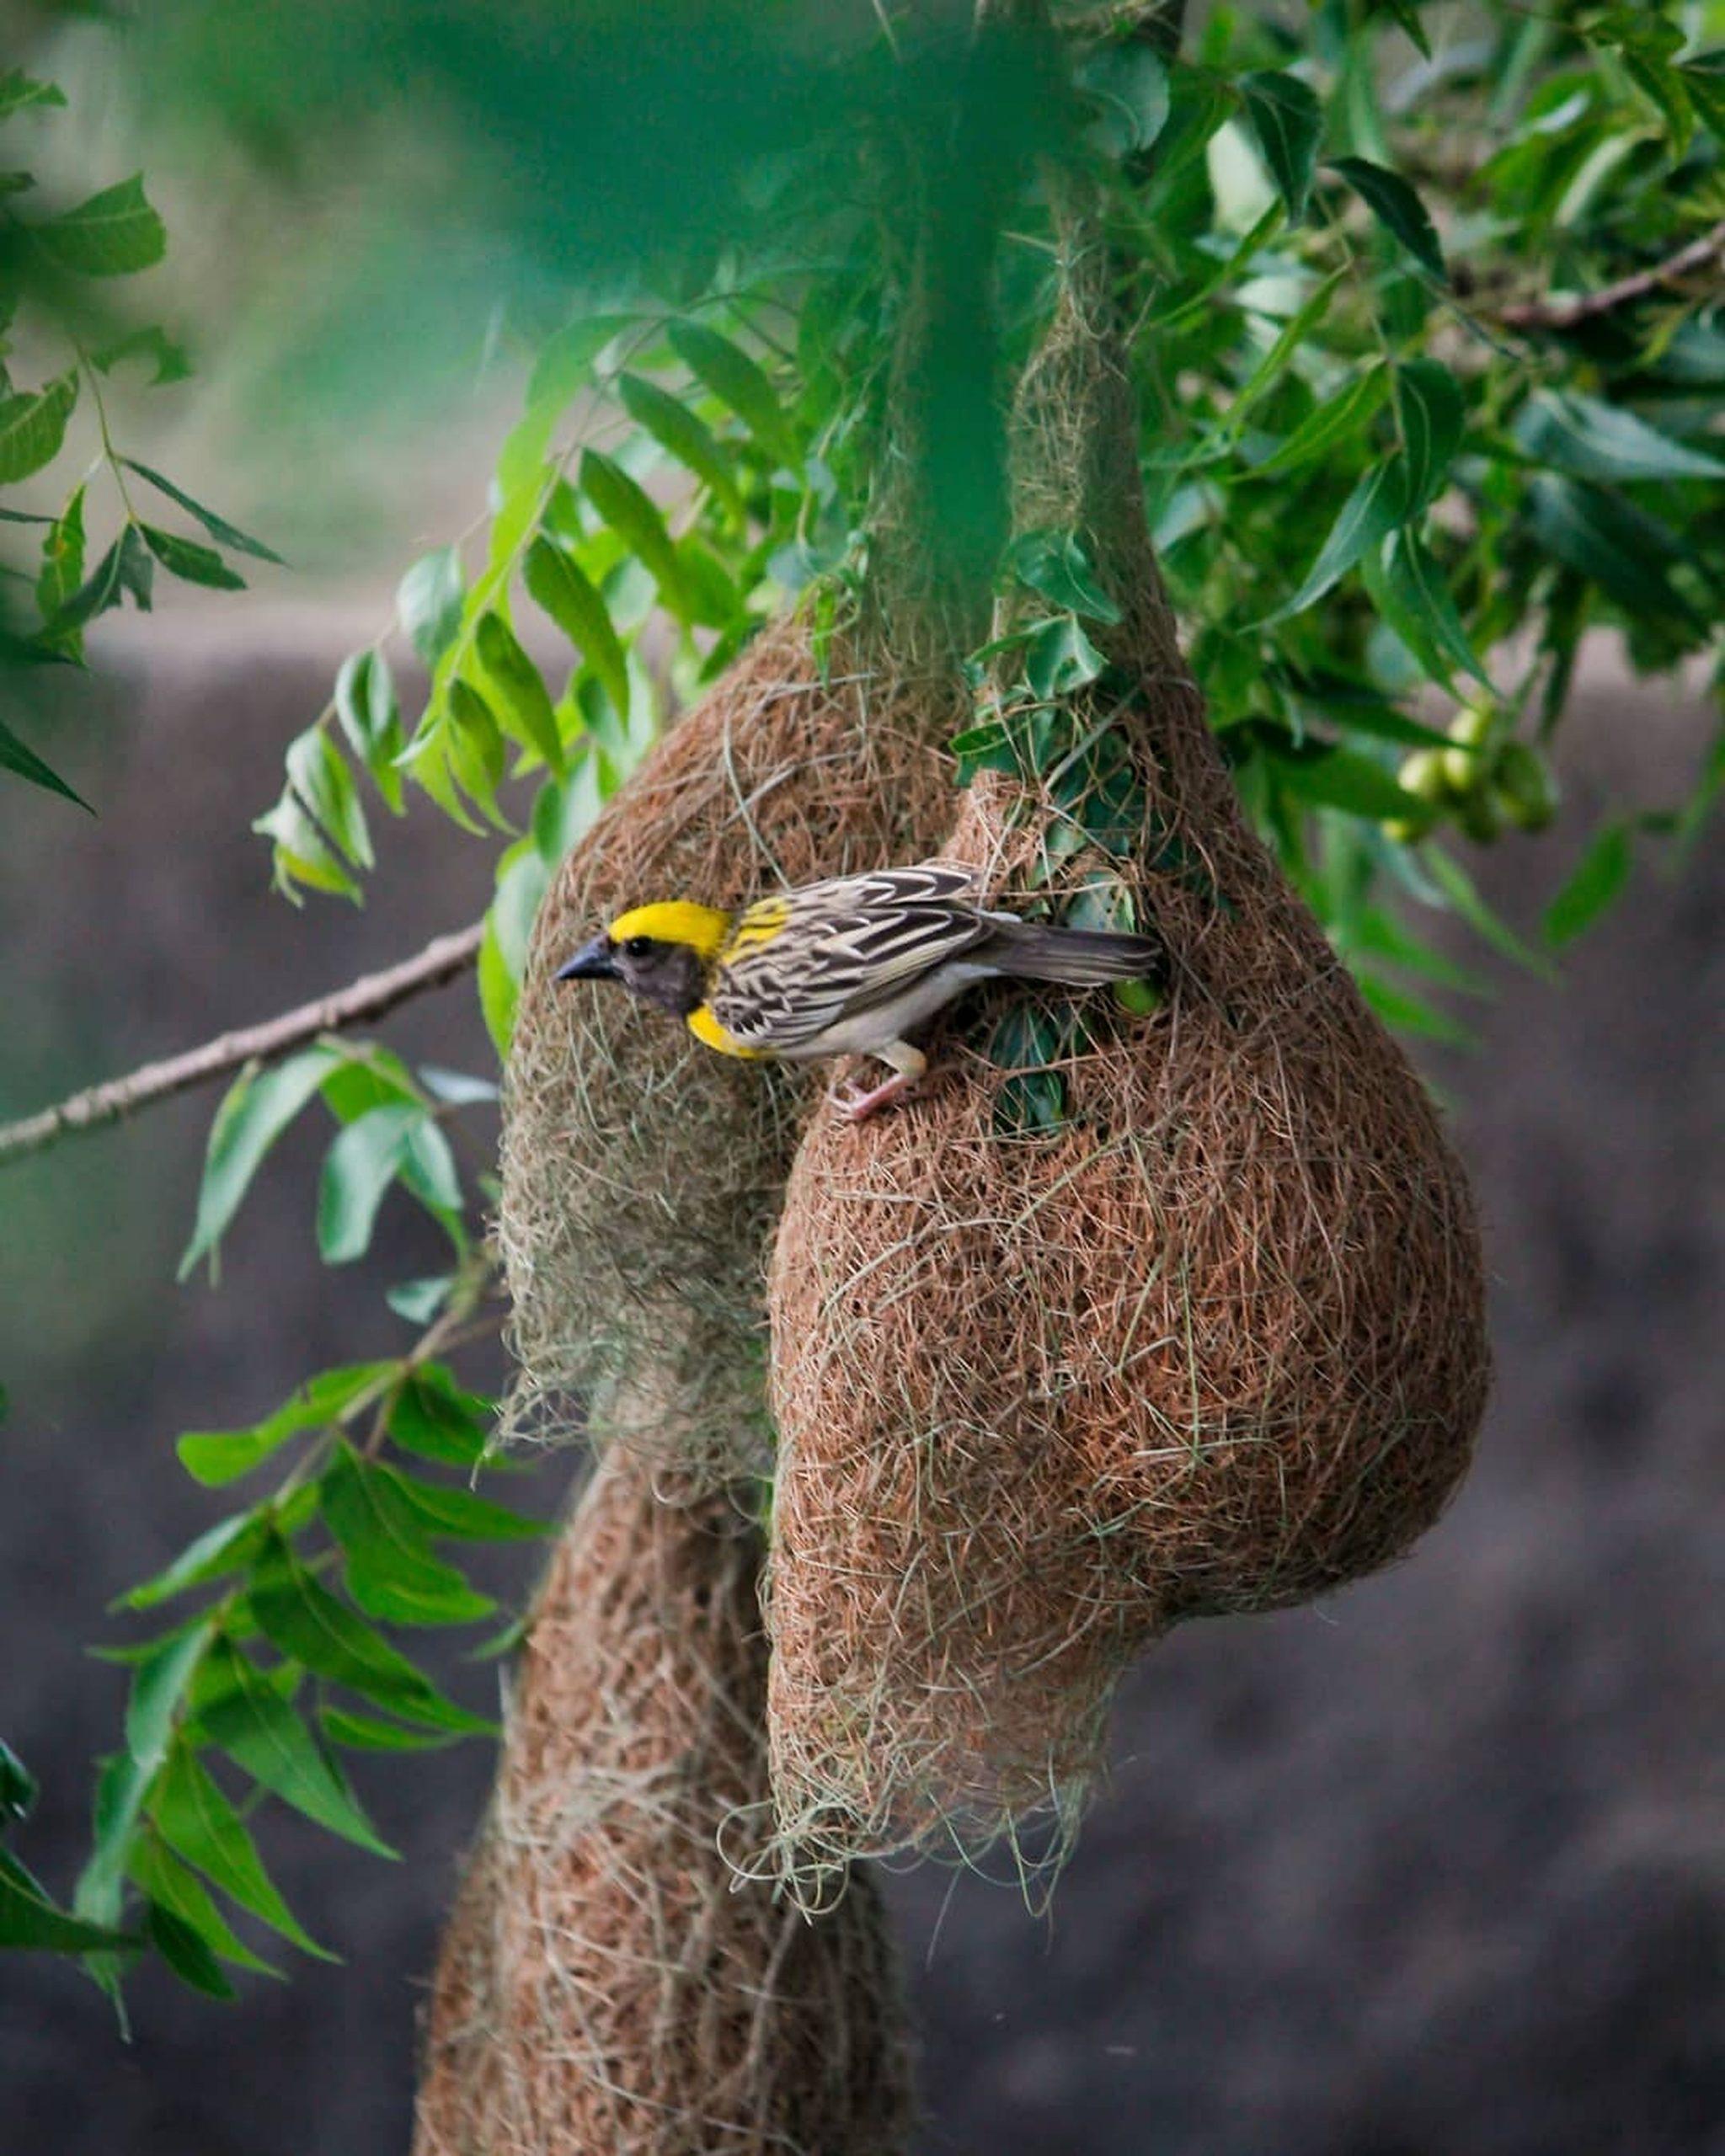 Nest of a Bird on Tree